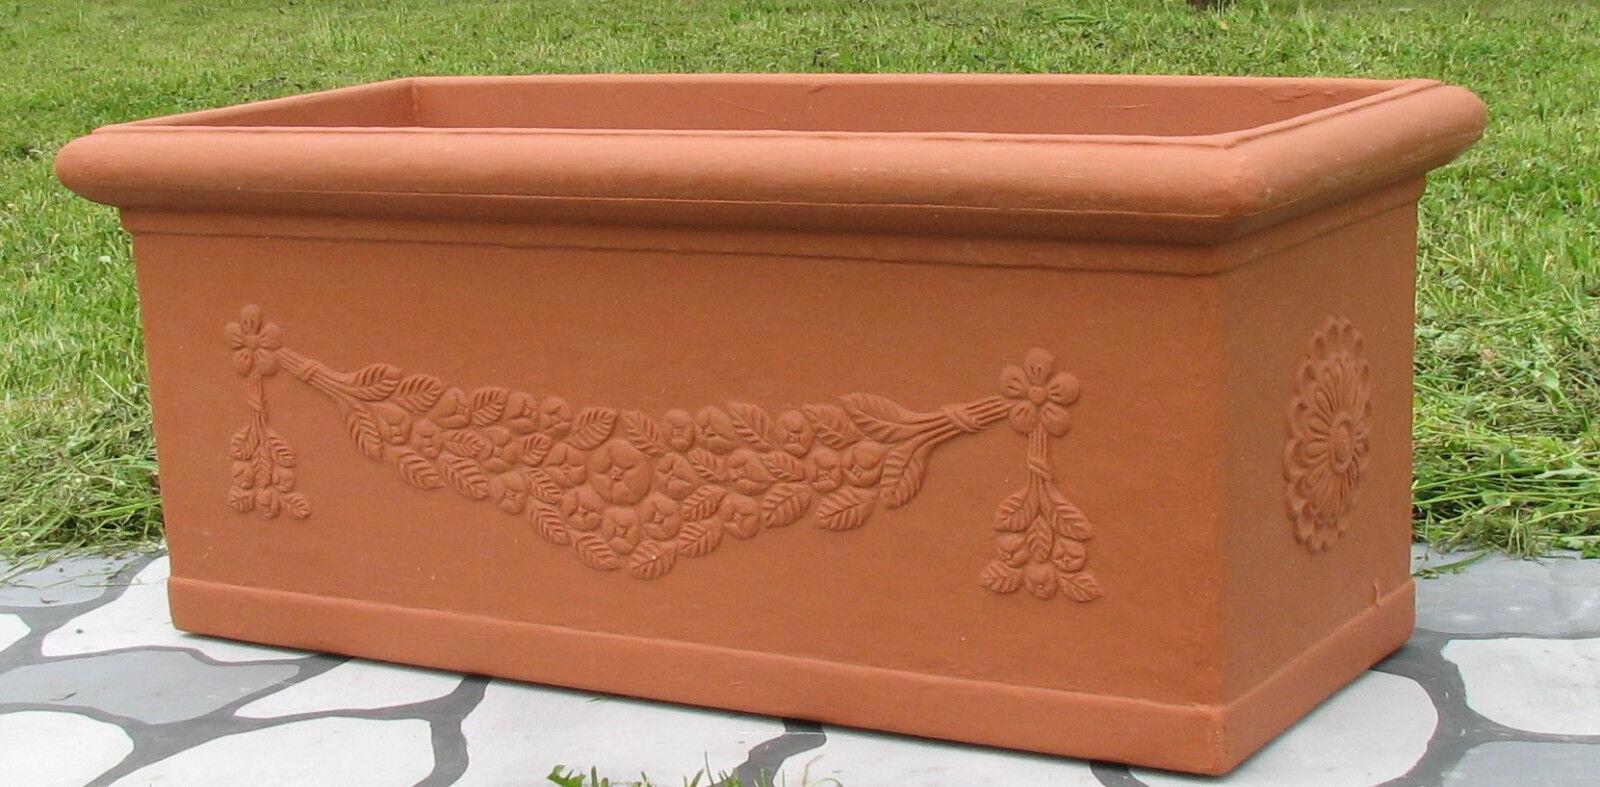 Cassetta Decorata Festonata Vaso Vasi In Resina 100x40 h 40 cm colore terracotta